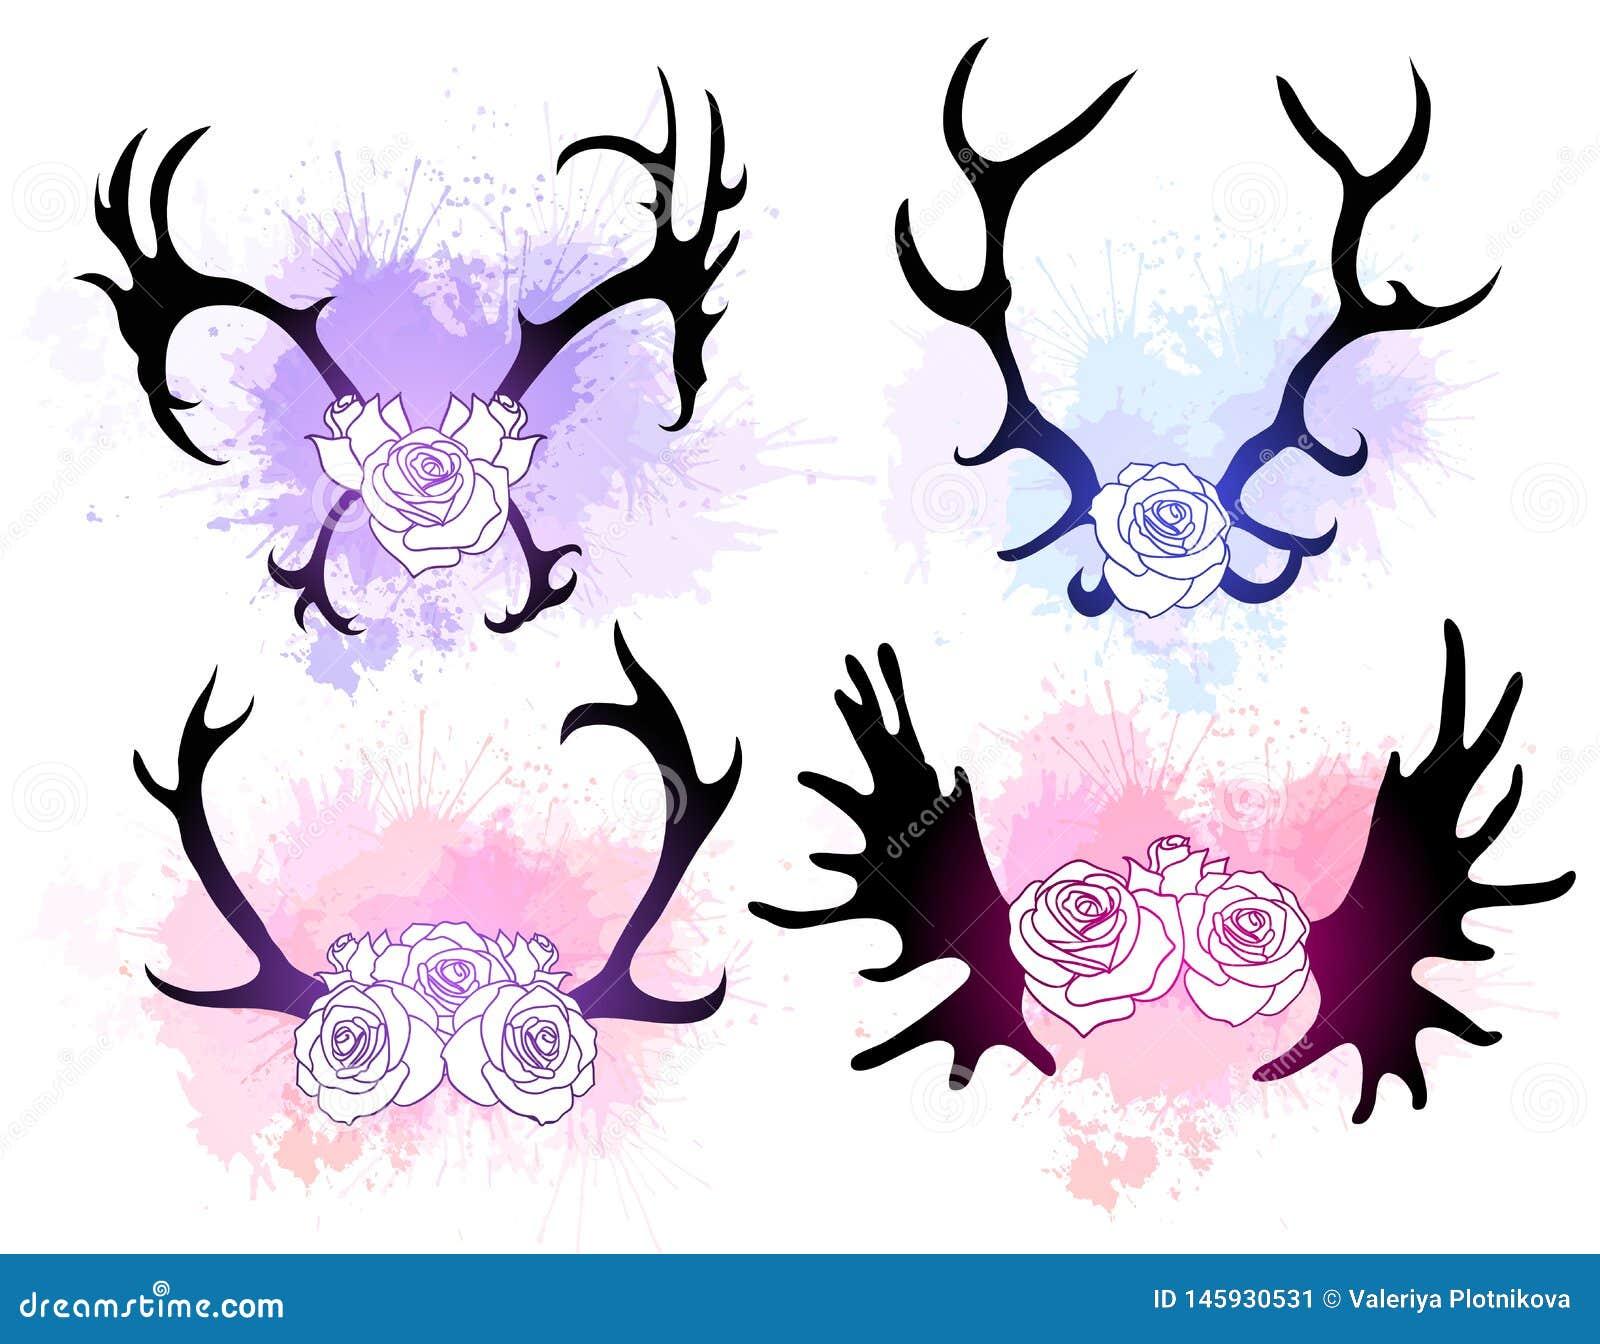 Σύνολο σκιαγραφιών blac των κέρατων ελαφιών και αλκών με τα λουλούδια και ήπια τους παφλασμούς watercolor Το αντικείμενο είναι χω